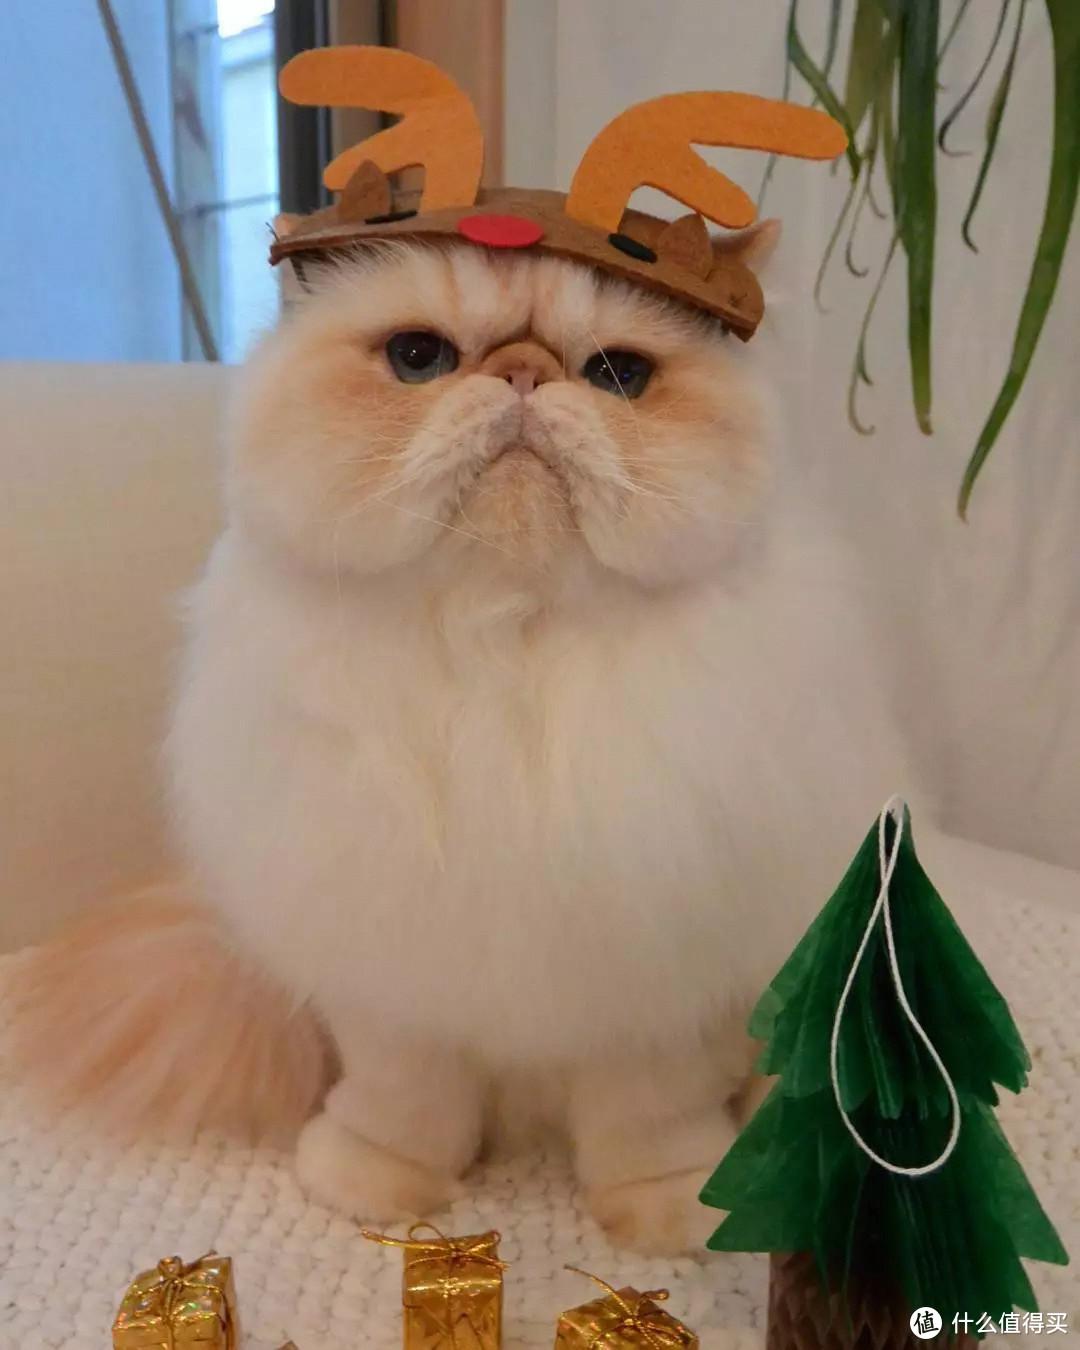 猫卵磷脂:老年猫有必要吃卵磷脂吗